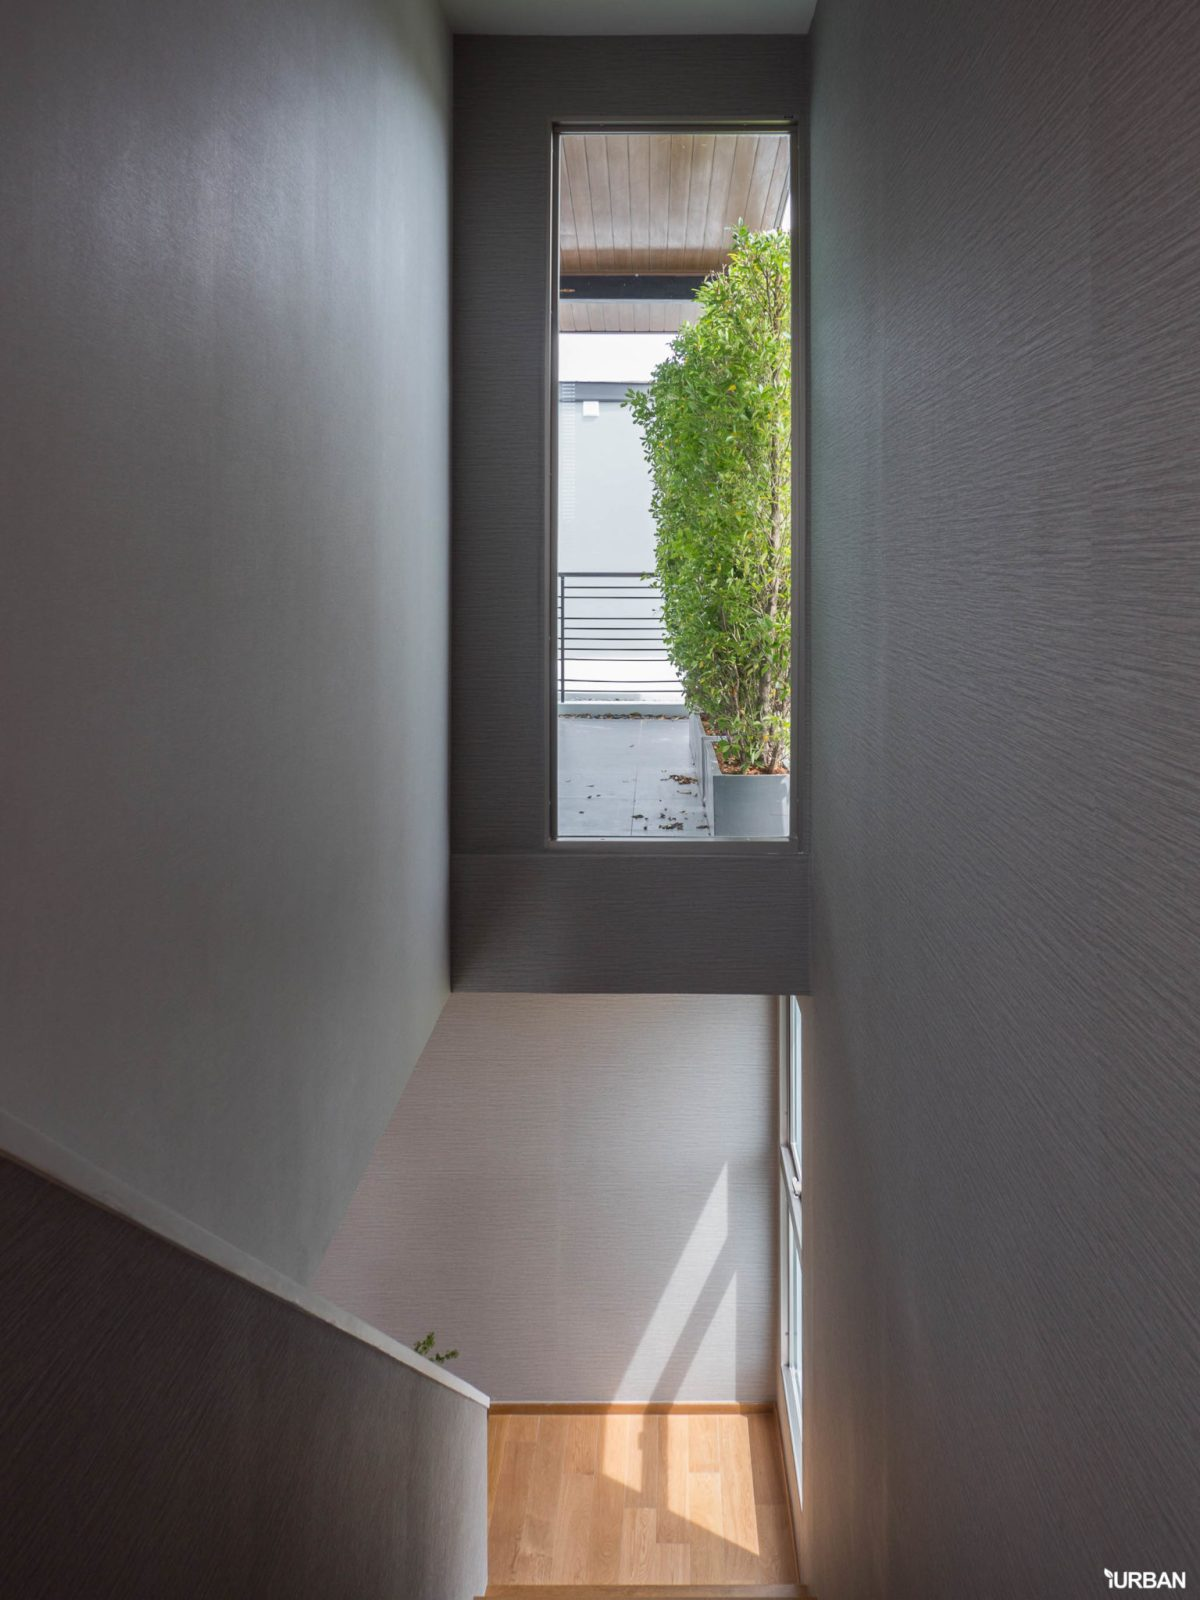 รีวิว Nirvana BEYOND Udonthani บ้านเดี่ยว 3 ชั้น ดีไซน์บิดสุดโมเดิร์น บนที่ดินสุดท้ายหน้าหนองประจักษ์ 277 - Luxury